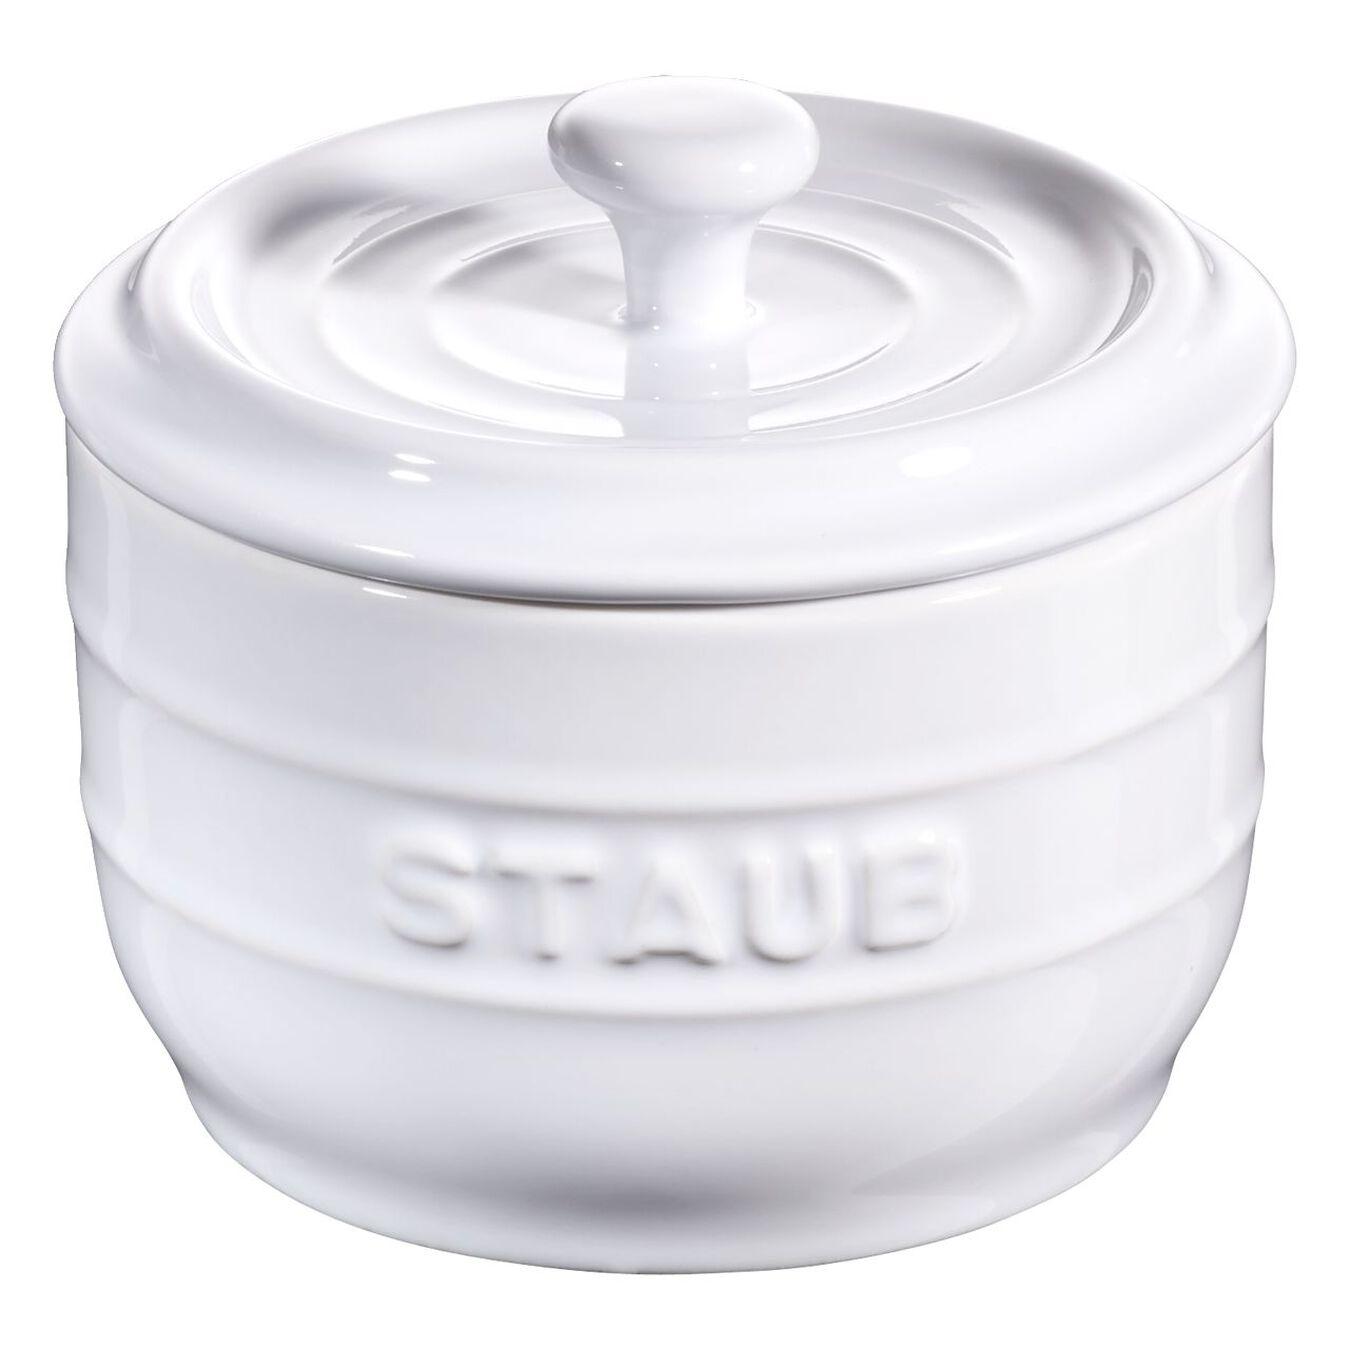 Salzgefäß Reinweiß, Keramik,,large 2